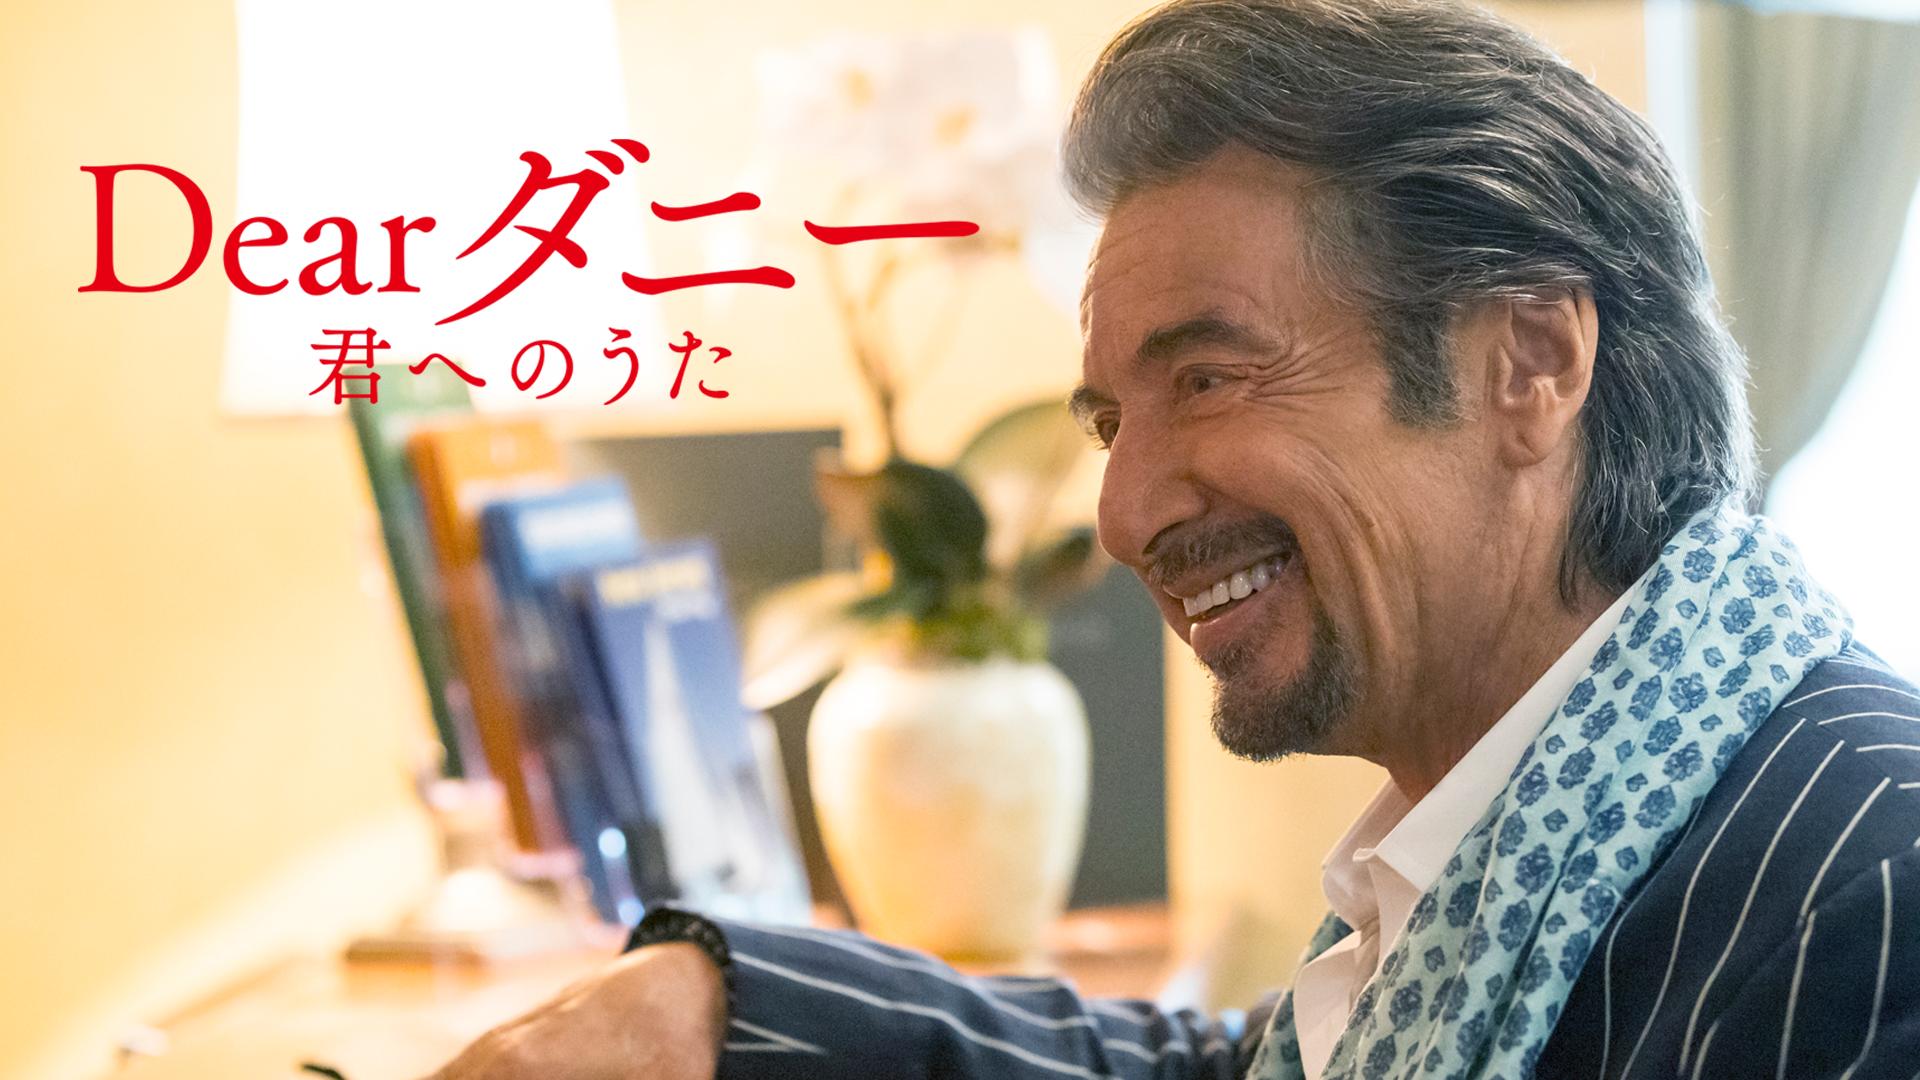 Dearダニー 君へのうた(字幕版)